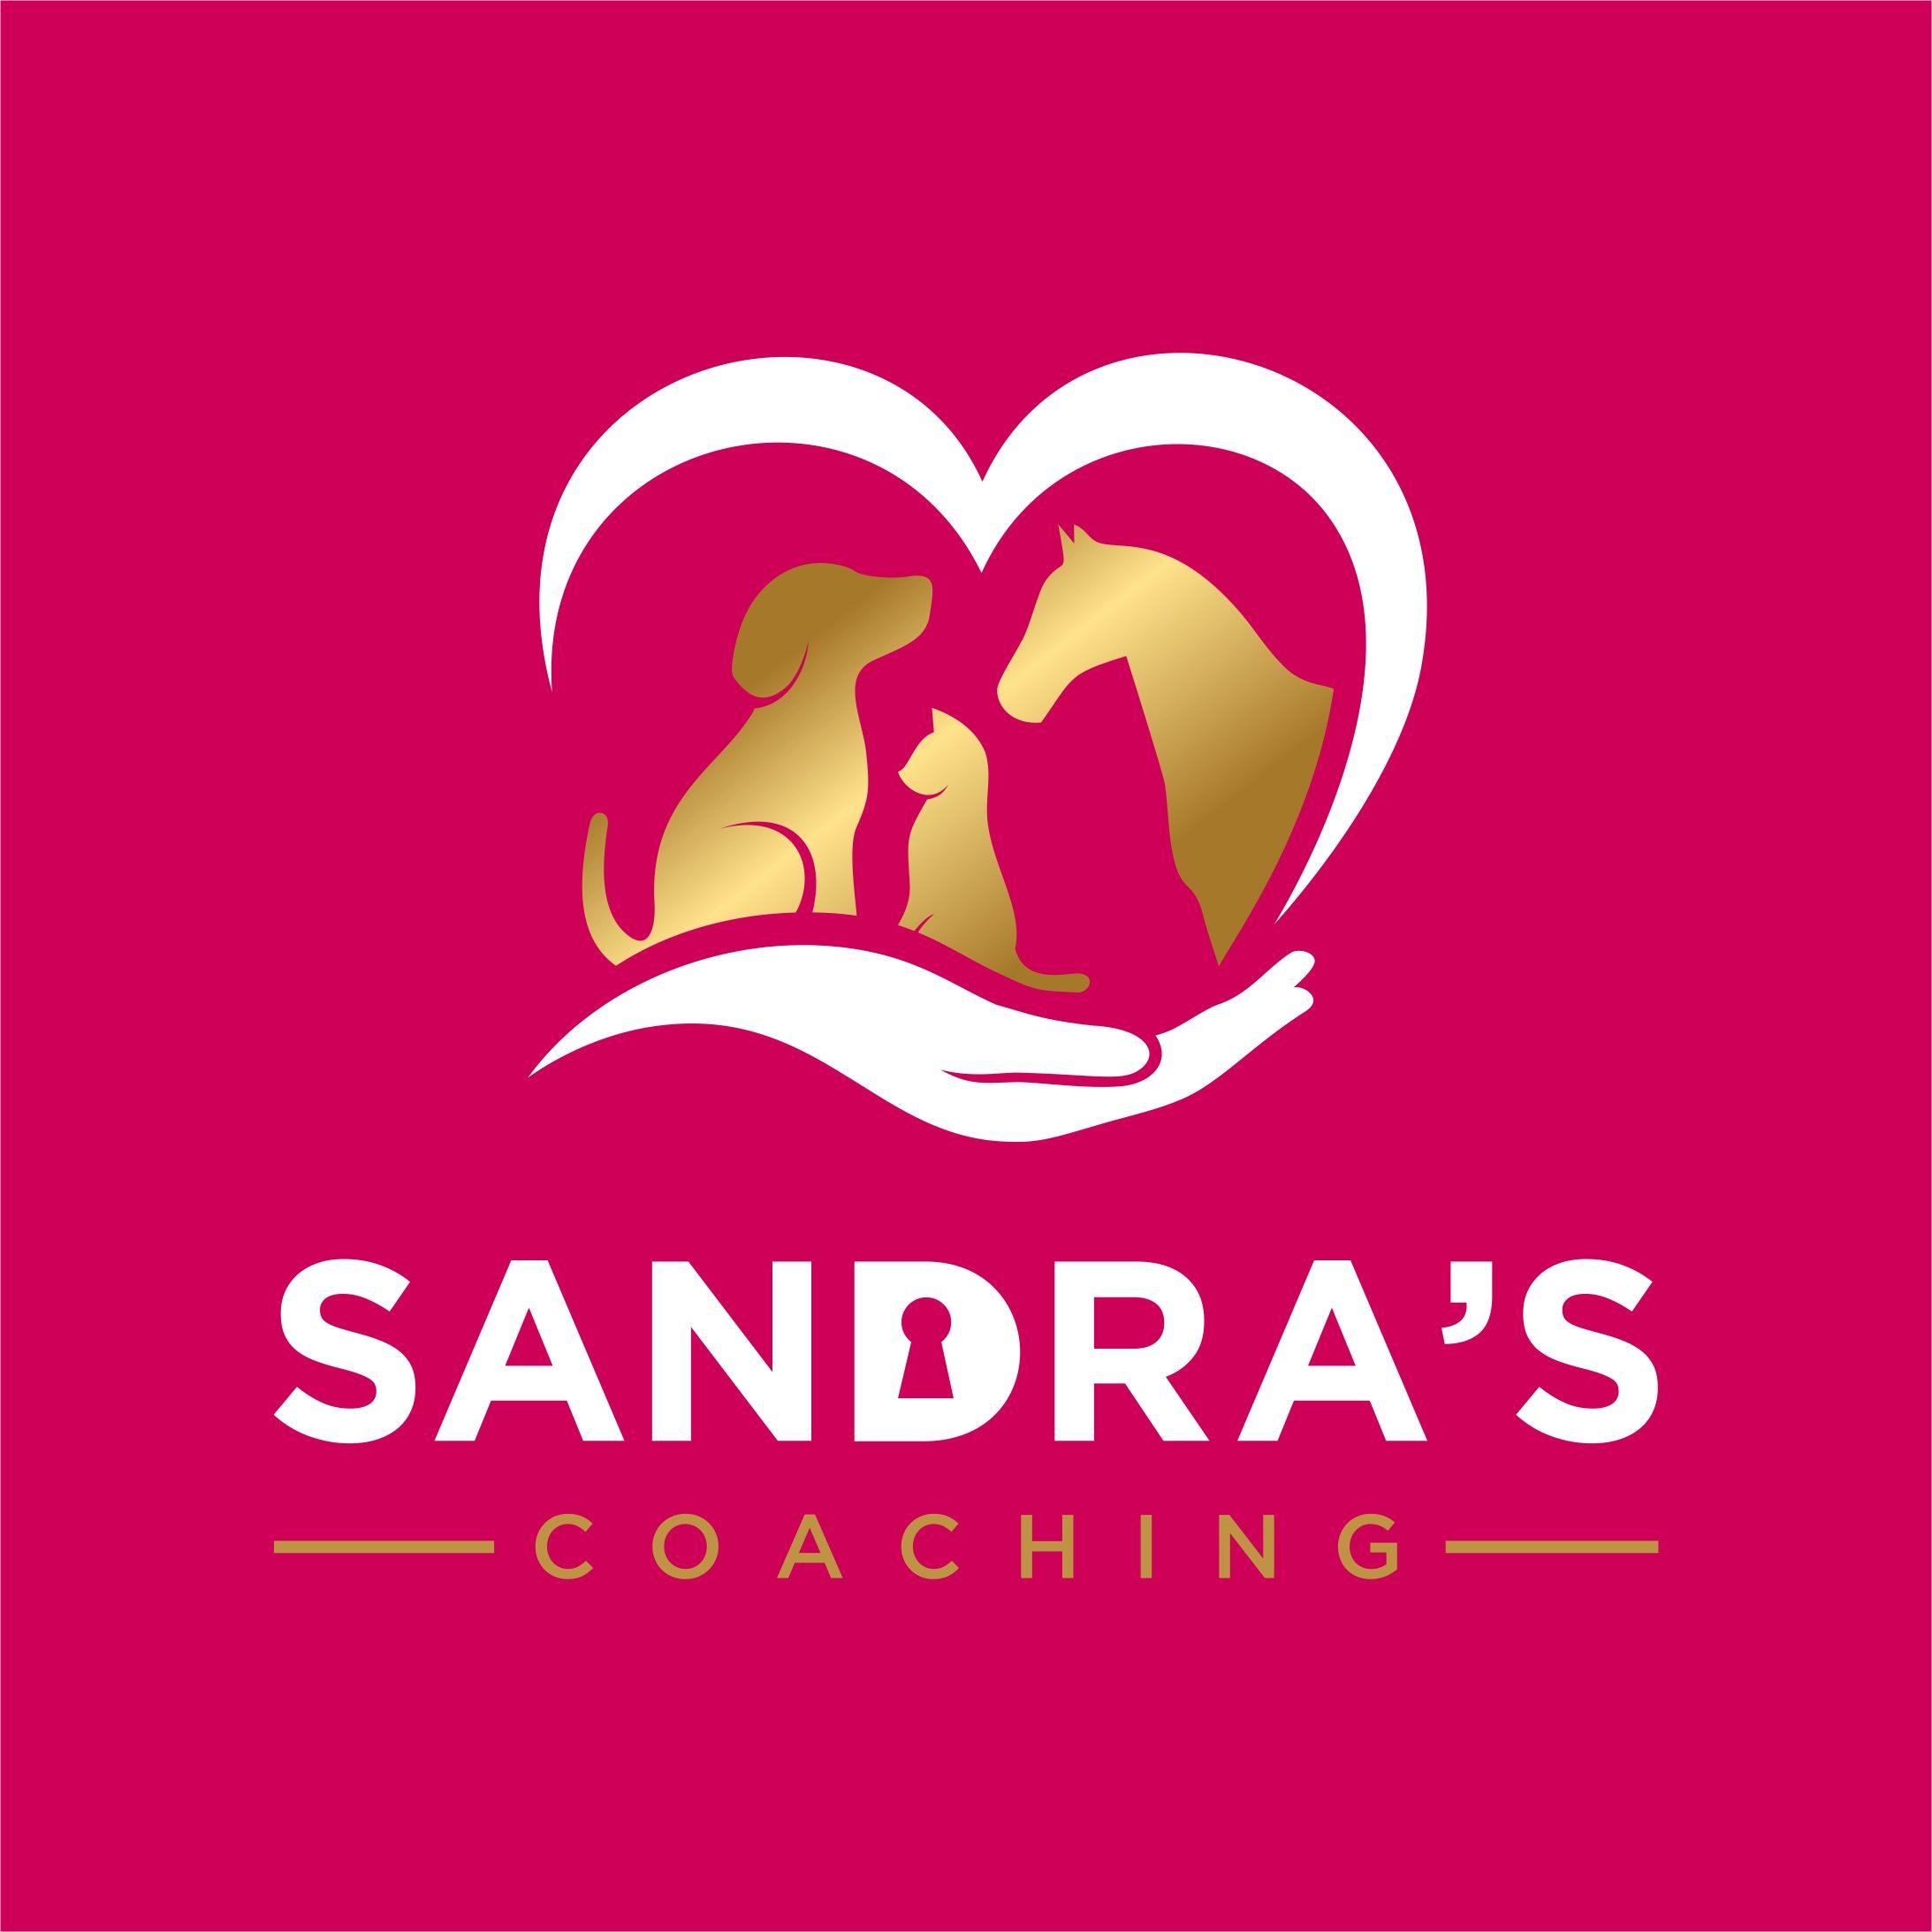 Sandra's Coaching